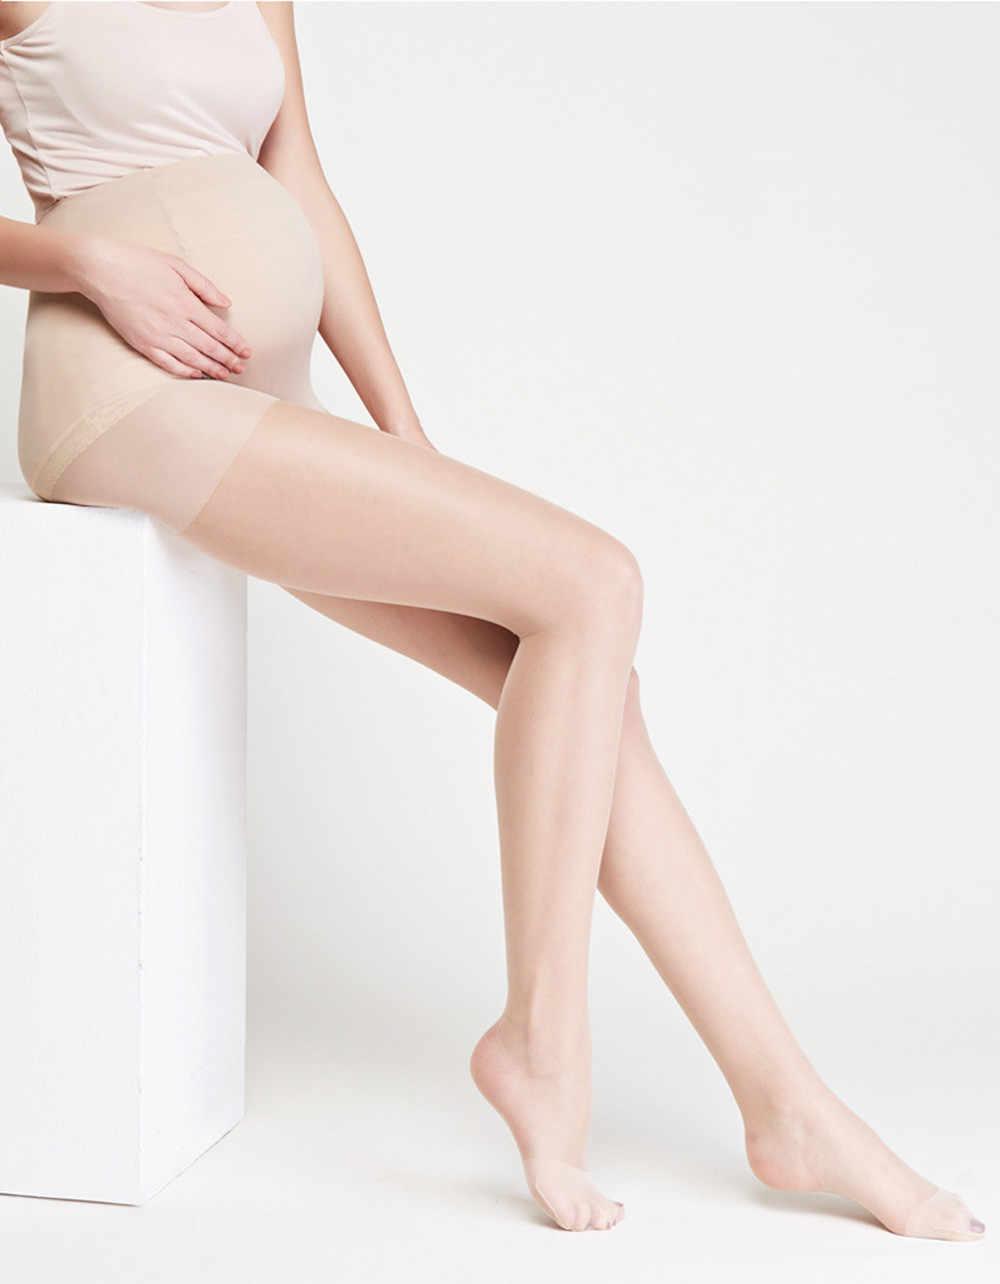 Collants de maternité collants de grossesse pièce unie chaussettes collants siamois pour femmes enceintes maternité comme spectacle bas de soie